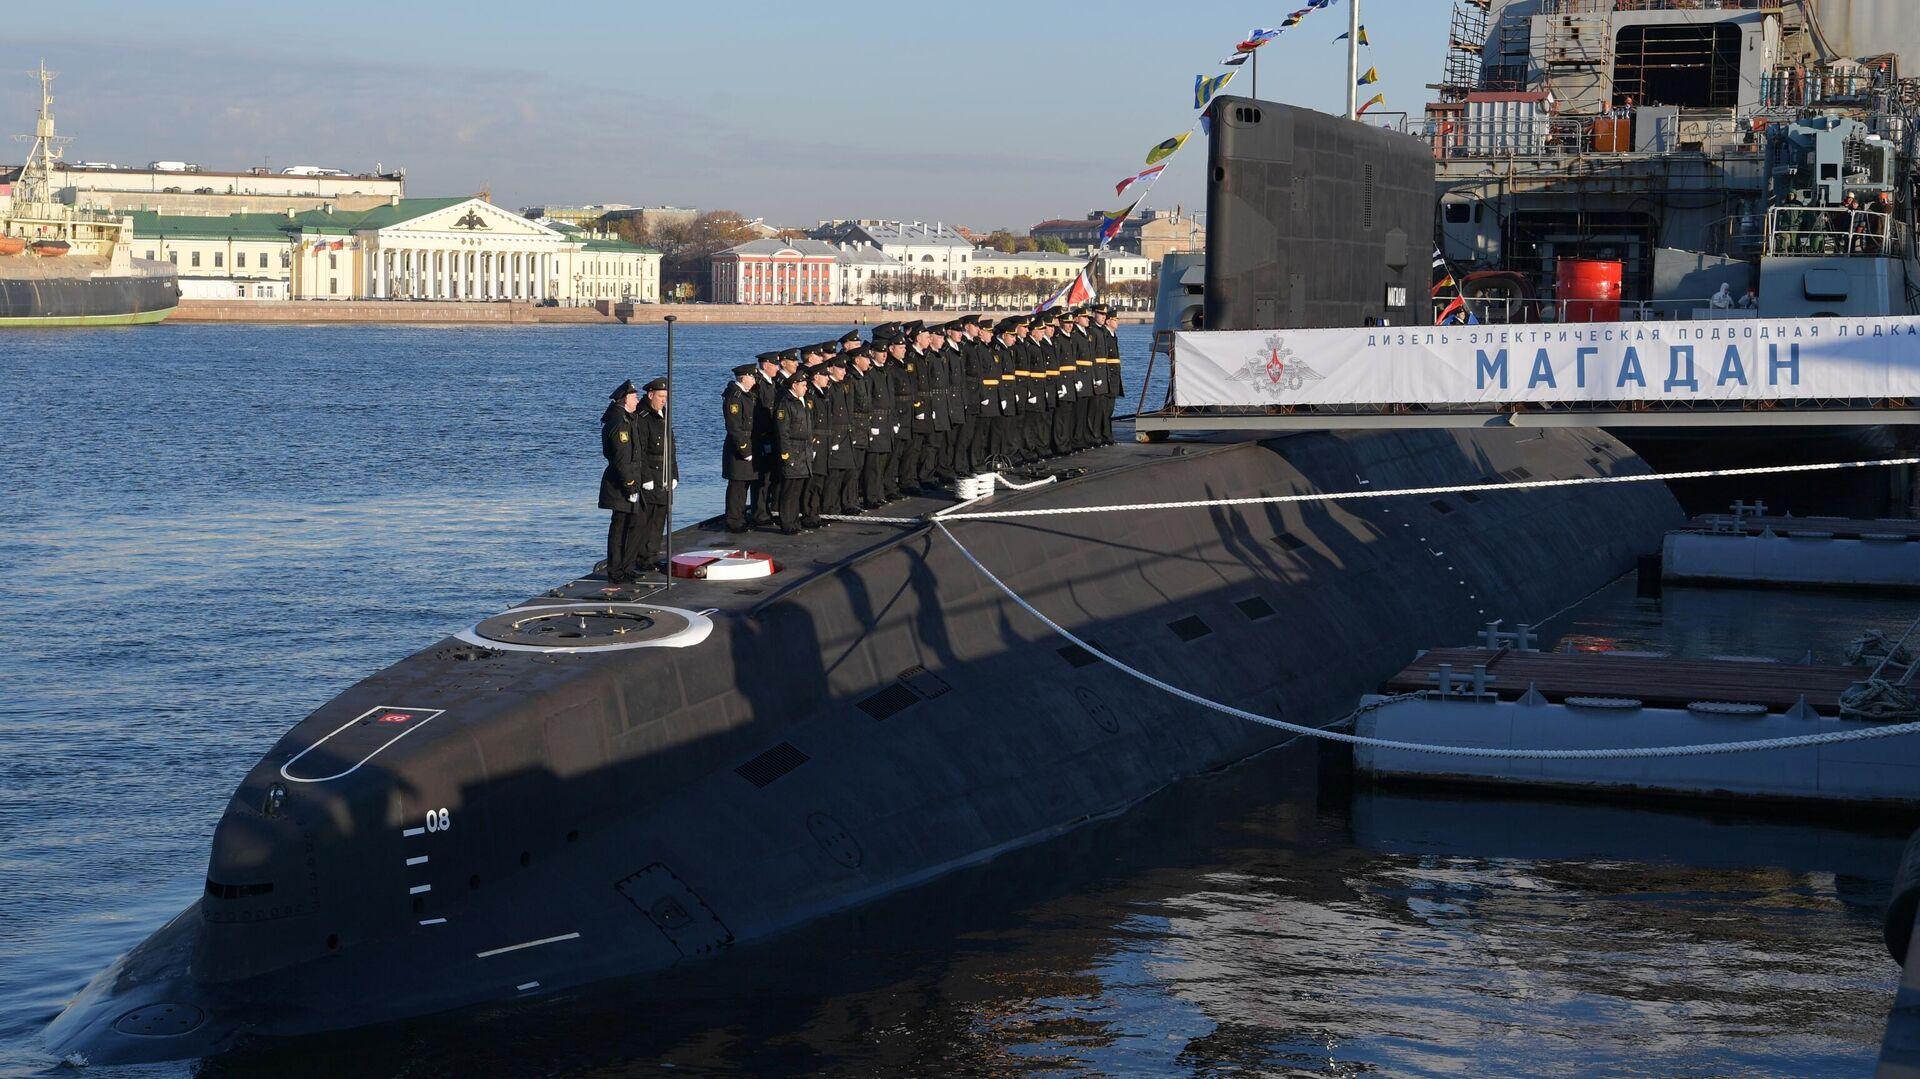 Торжественная церемония подъема Андреевского флага на дизель-электрической подводной лодке проекта 636.3 Магадан - РИА Новости, 1920, 12.10.2021